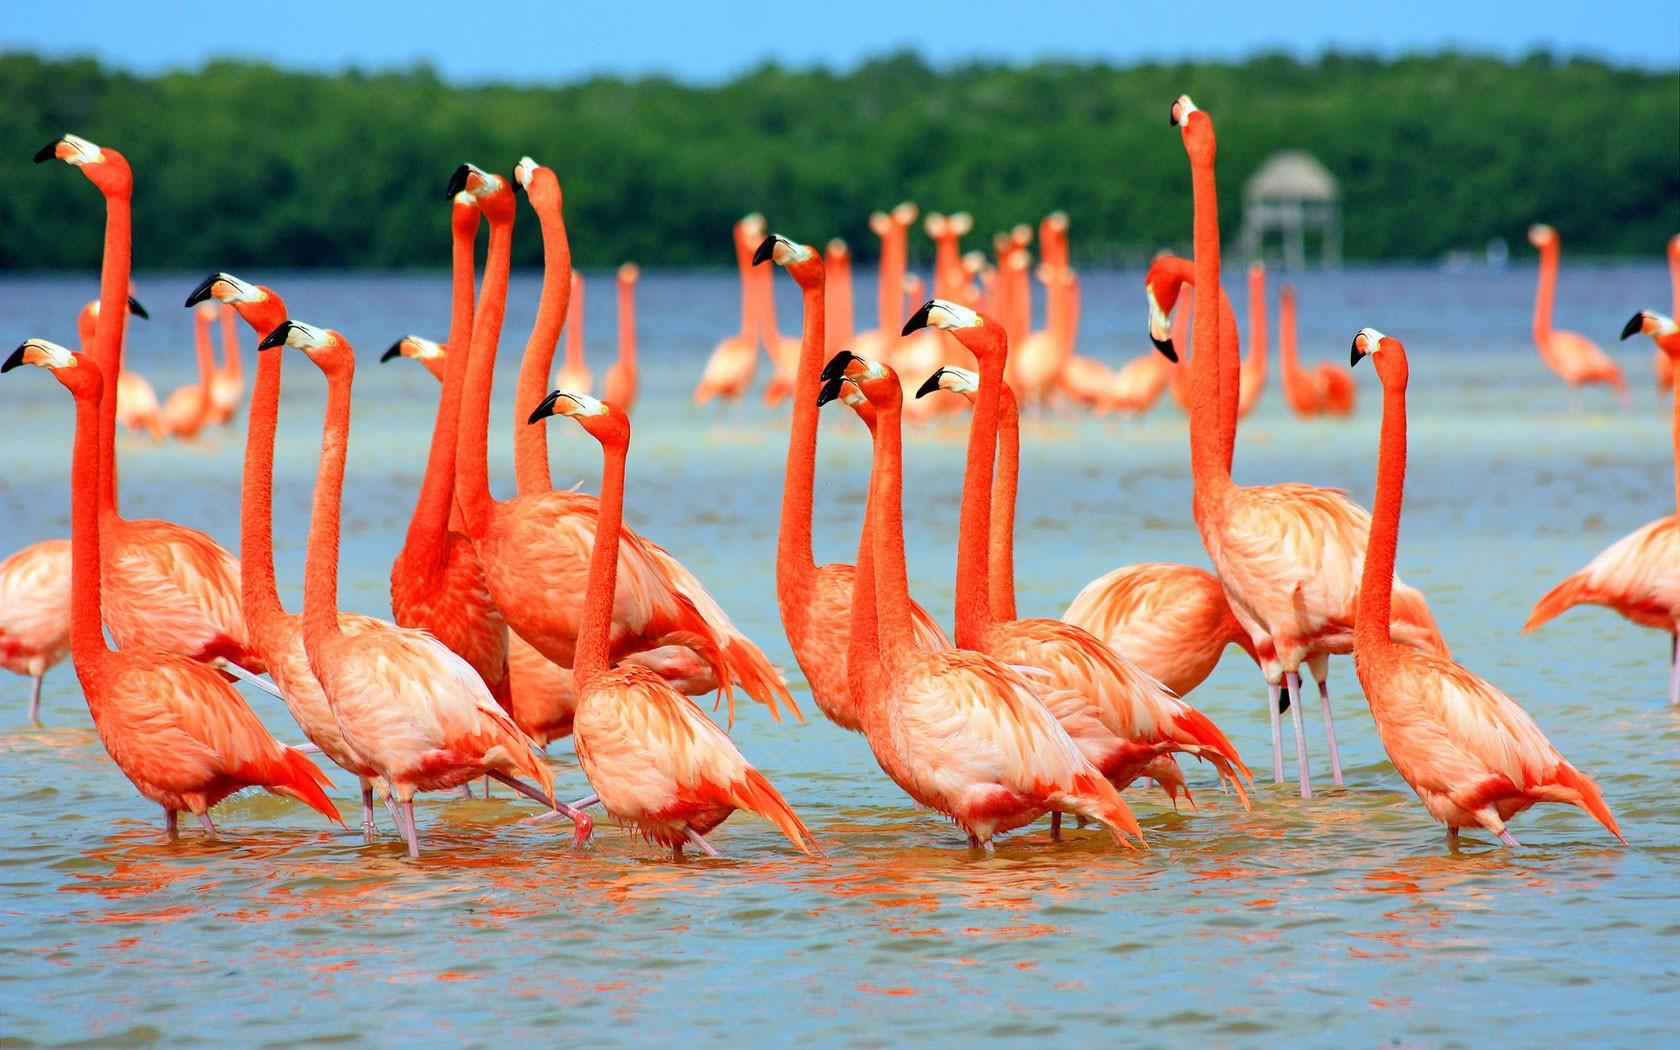 Wallpaper Burung Burung Hewan Danau Alam Flamingo Paruh